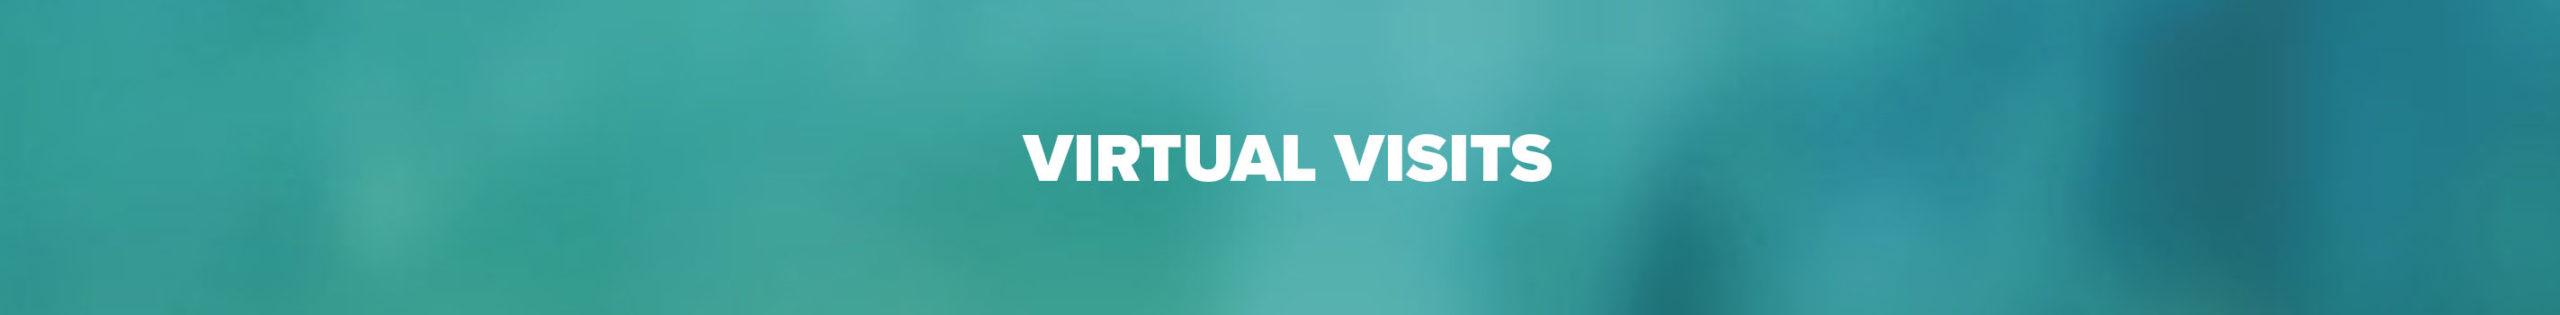 Virtual Visits